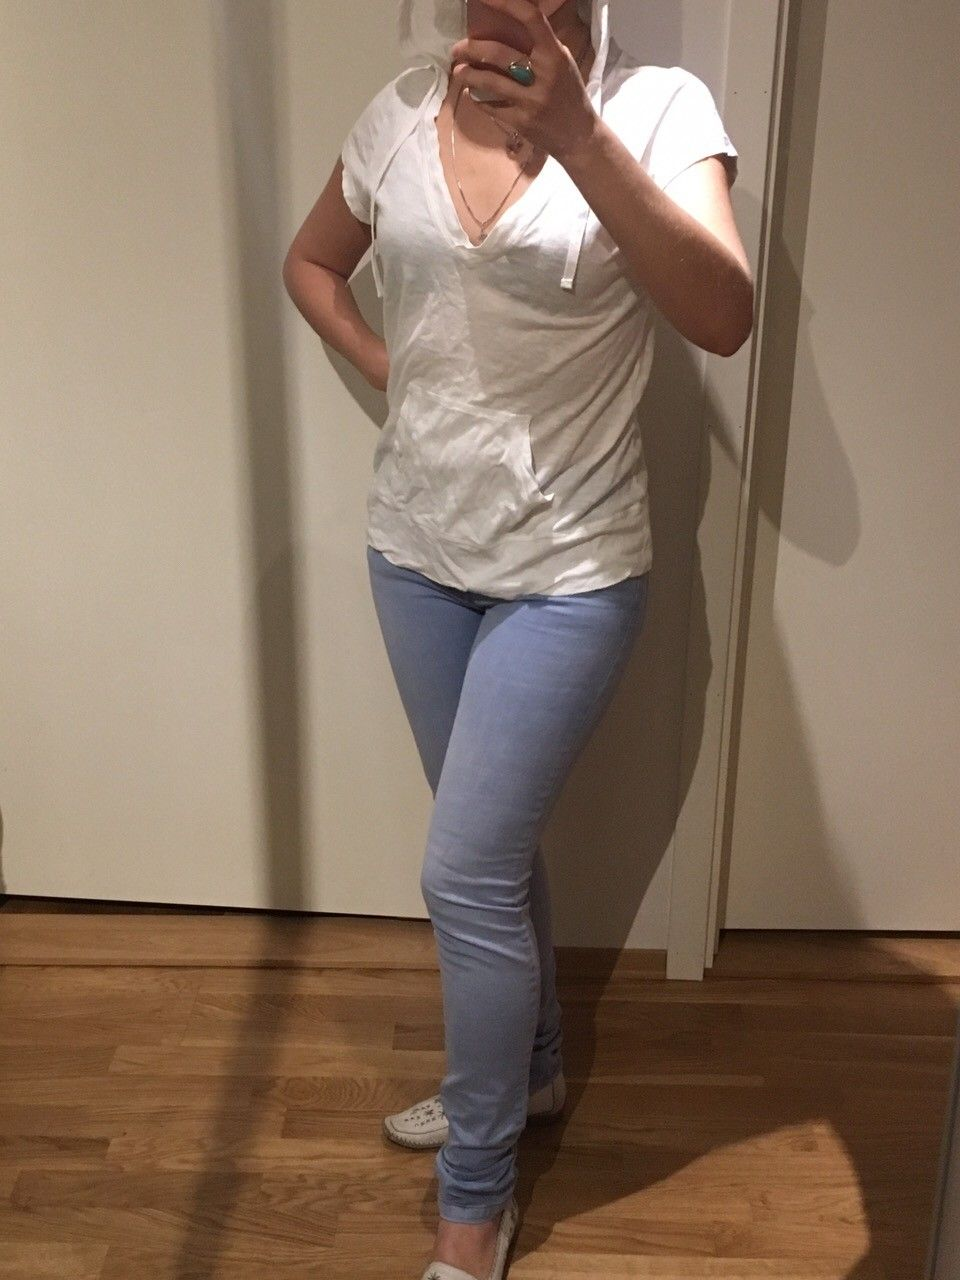 Jeans NOA NOA og topper - Oslo  - Jeans ble brukt kun et par ganger. De er for små til meg. Passer bra til noen med Str 34-36. Jeans og en top 100 kr sammen. Har mange tsjorter og topper til 2 for 100 kr - Oslo